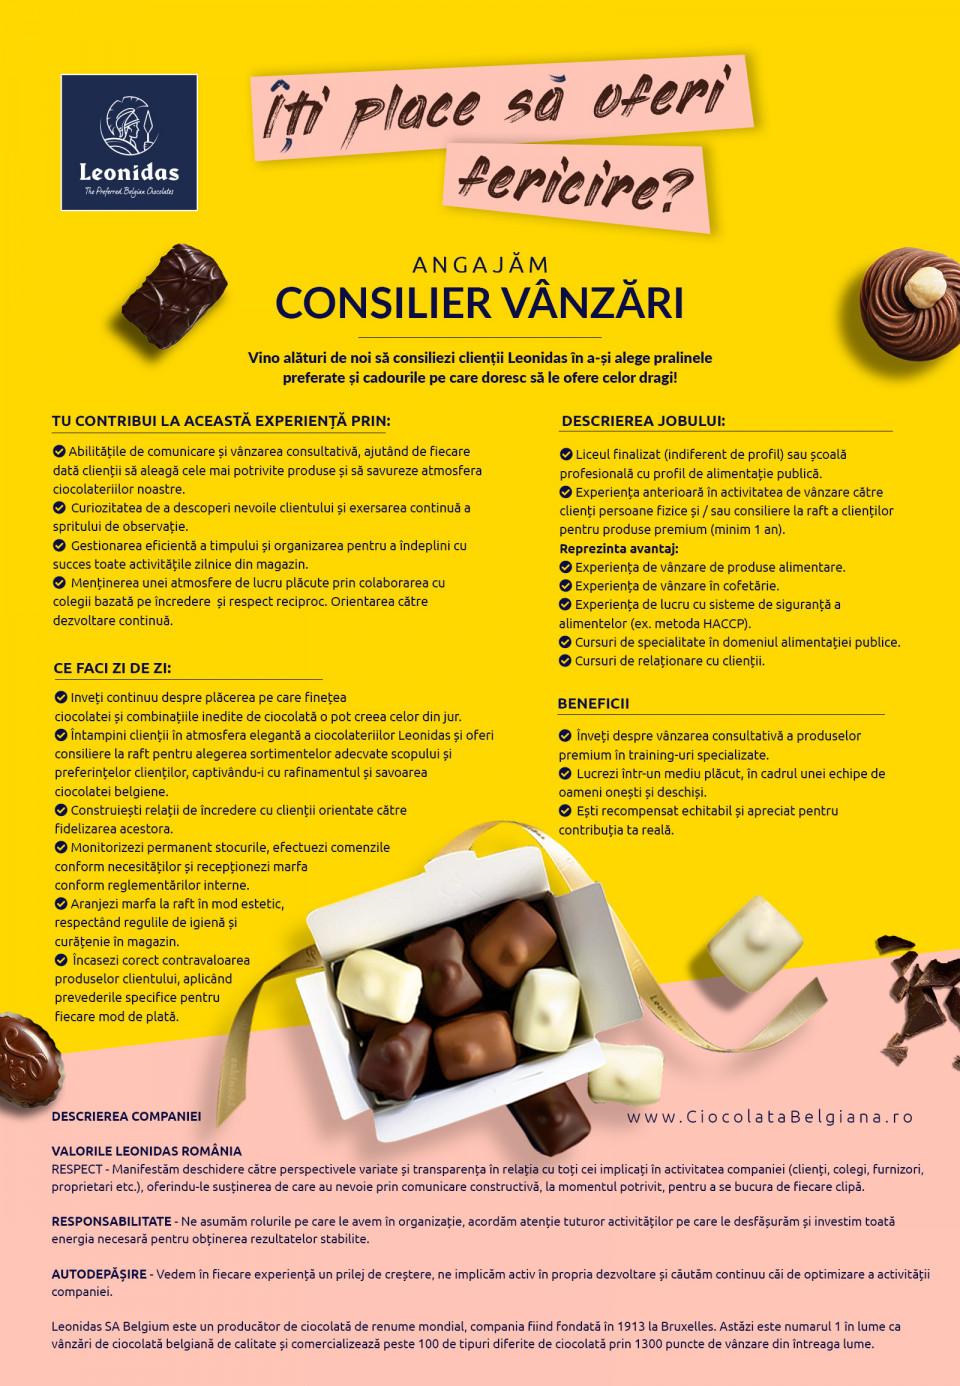 Consilier Vanzari -  Ciocolaterie Leonidas